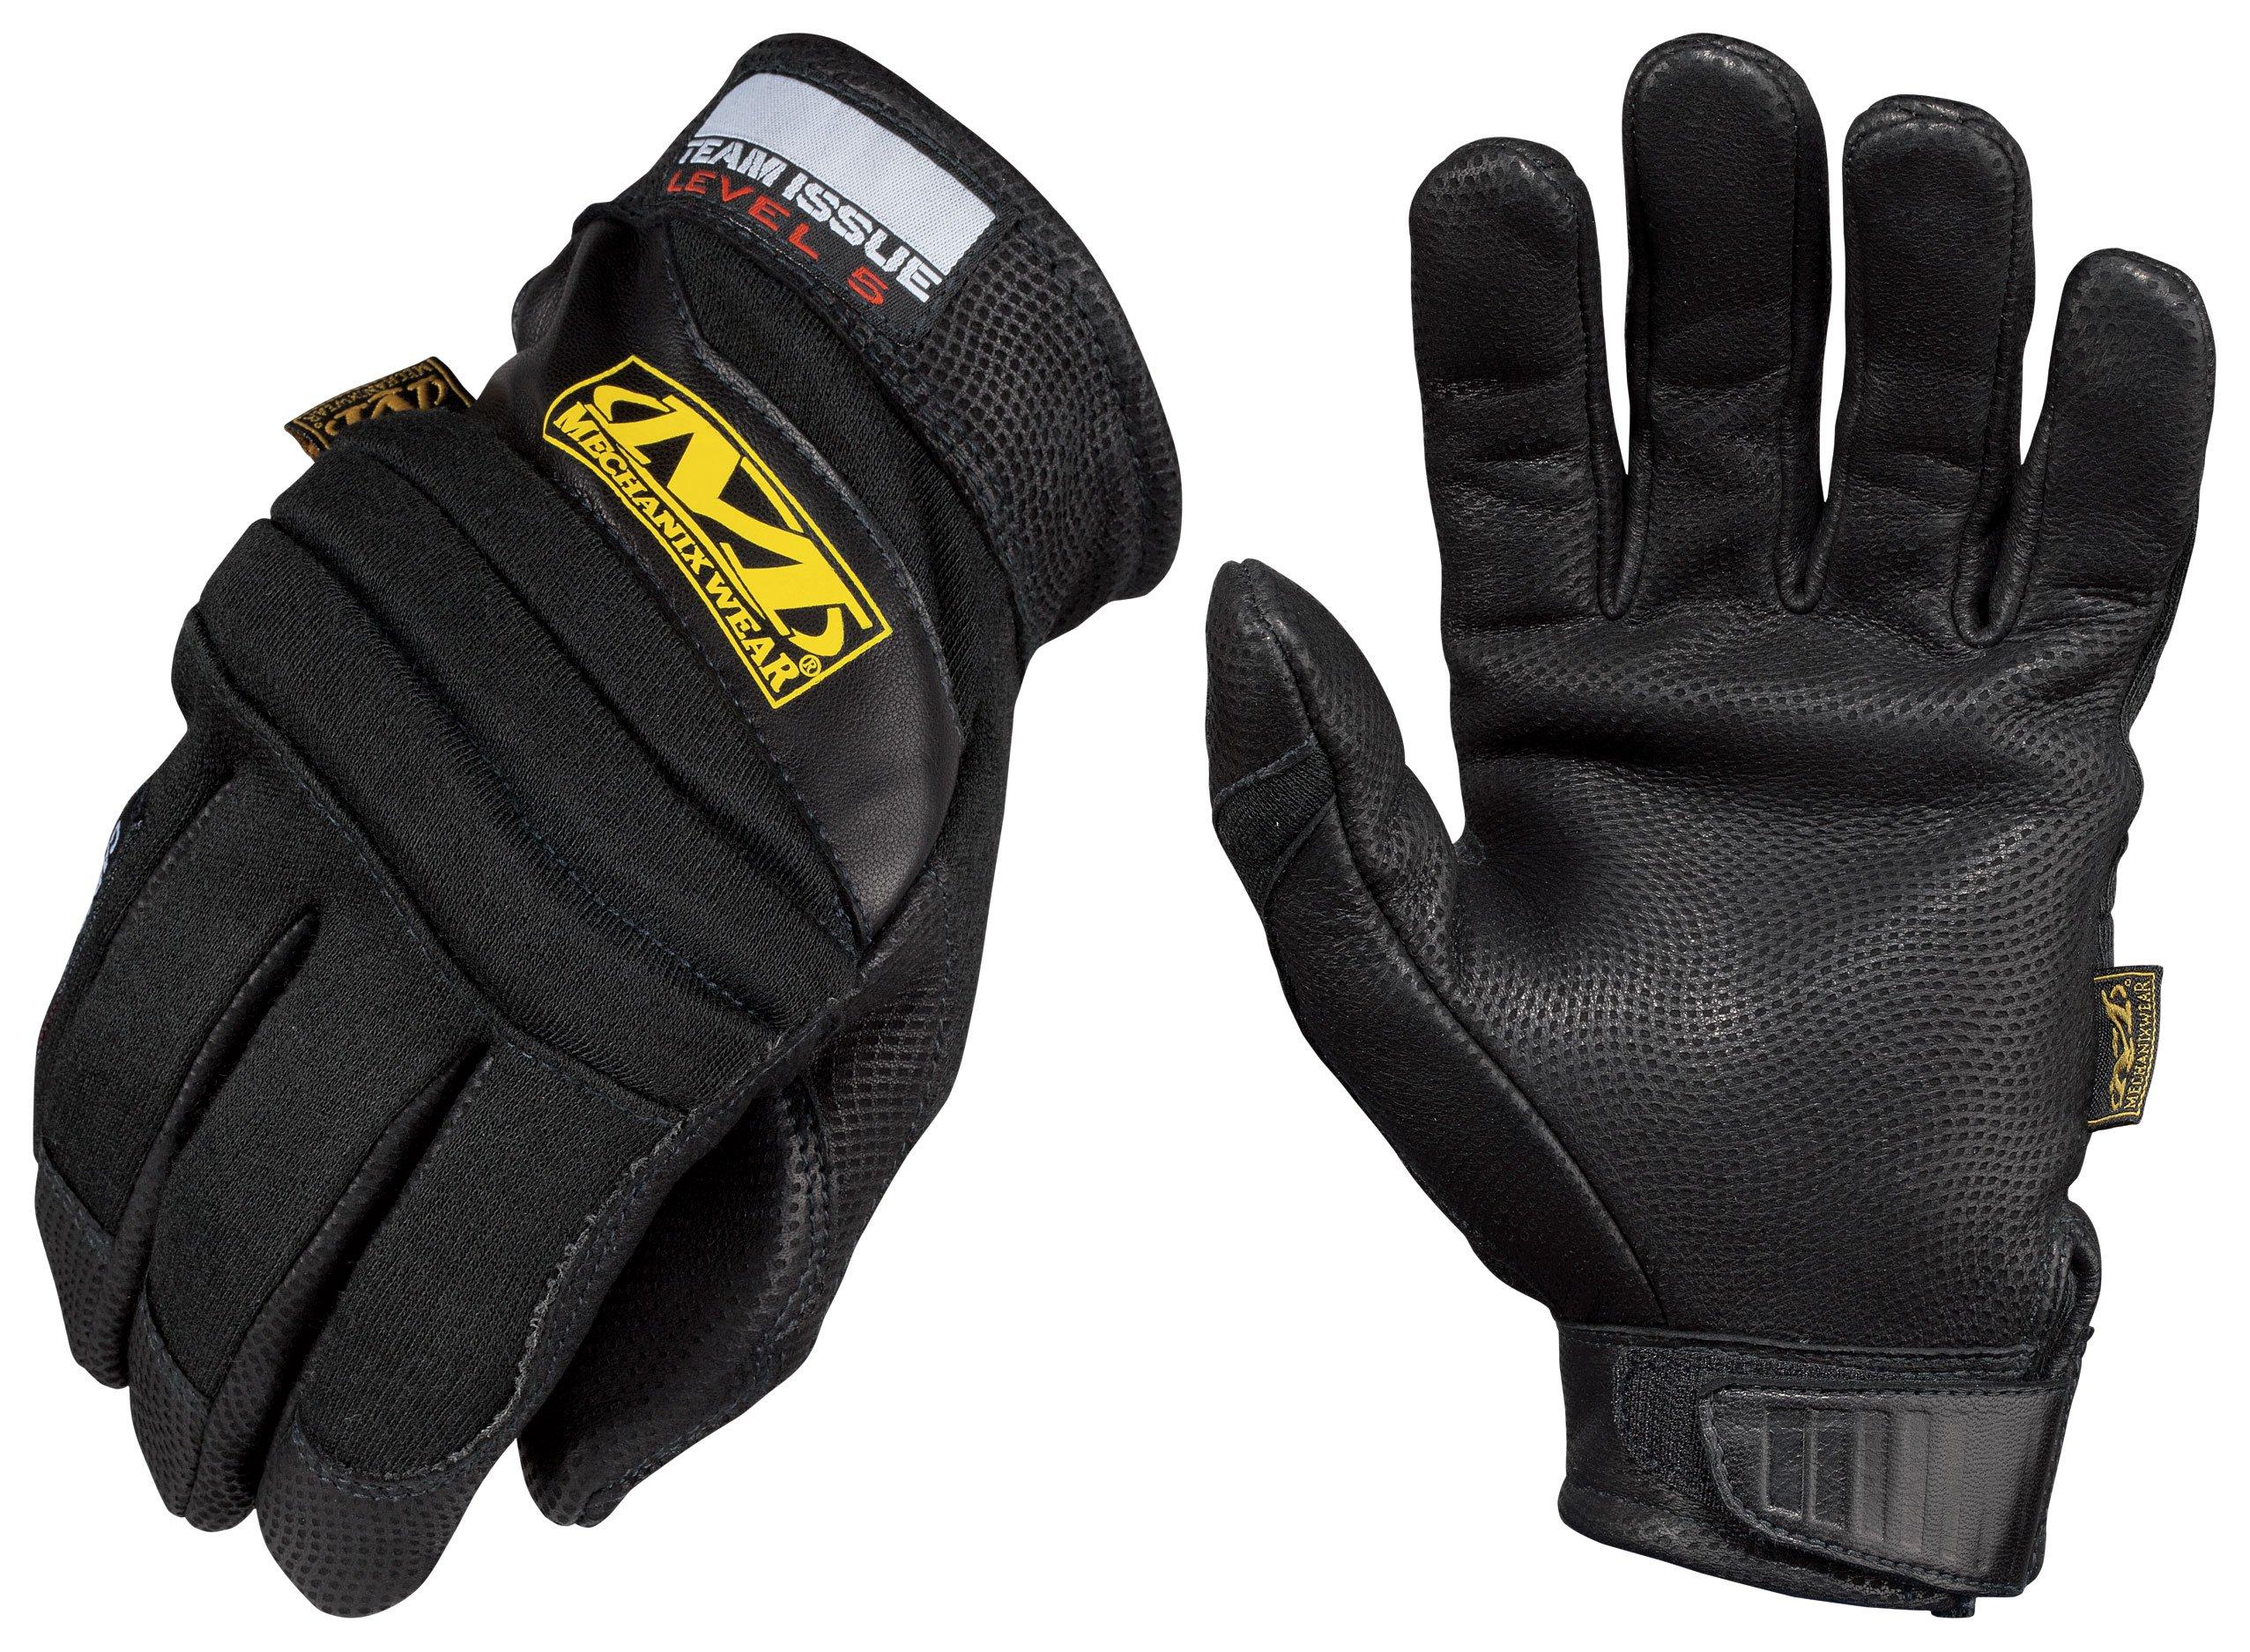 Mechanix Wear - Fire Resistant CarbonX Level 5 Gloves (XX-Large, Black)